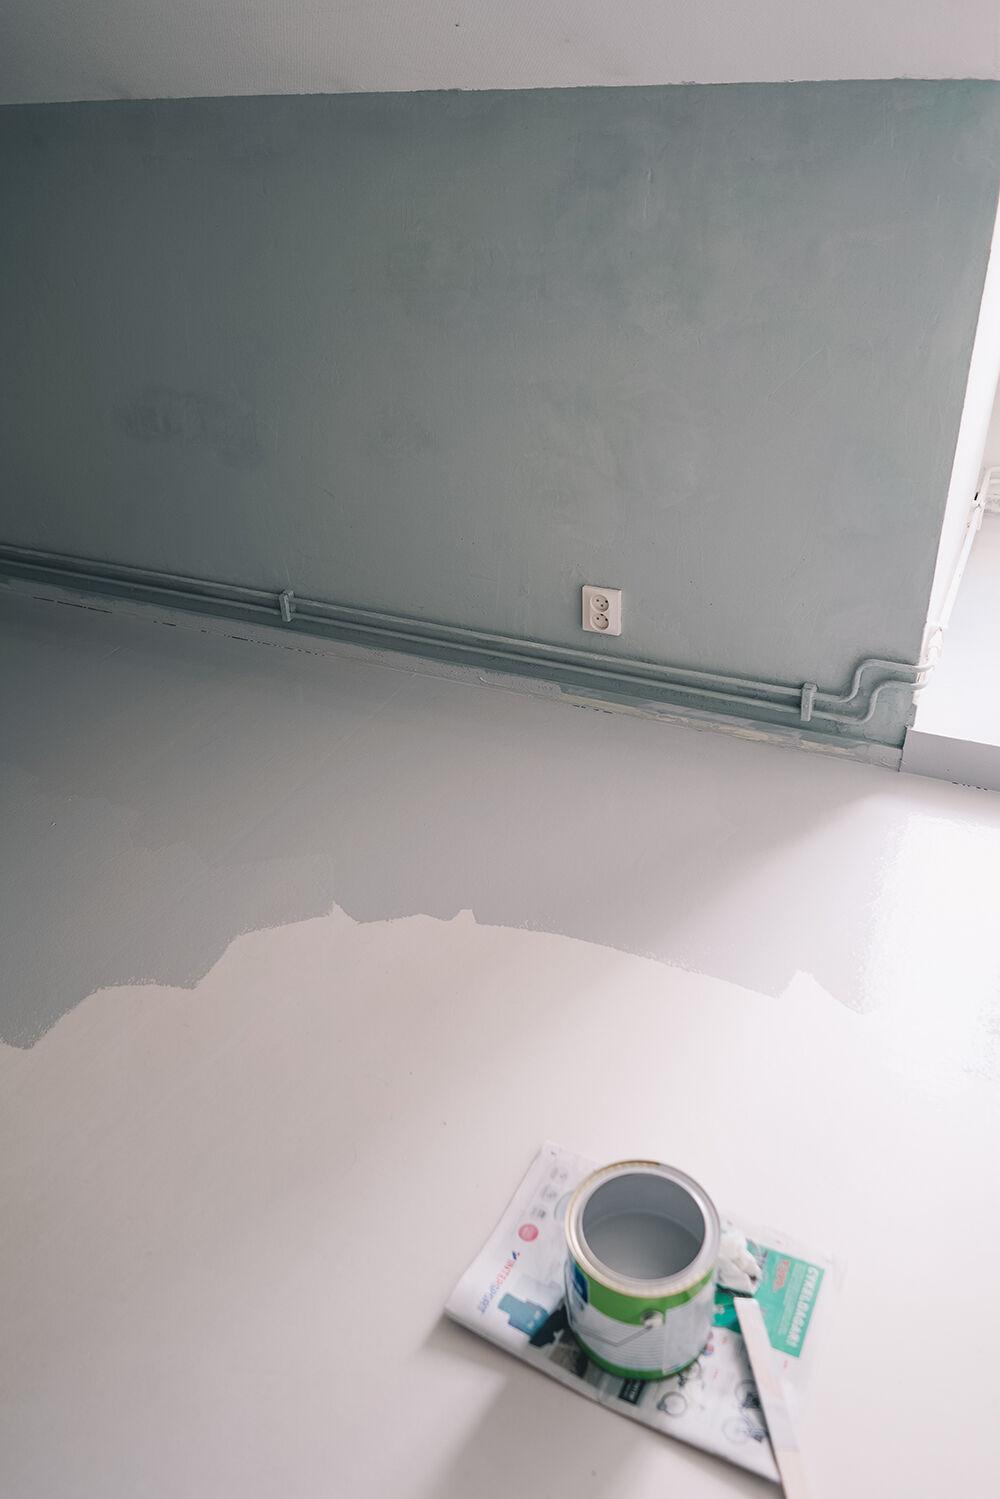 måla linoleumgolv plastmatta före och efter 6